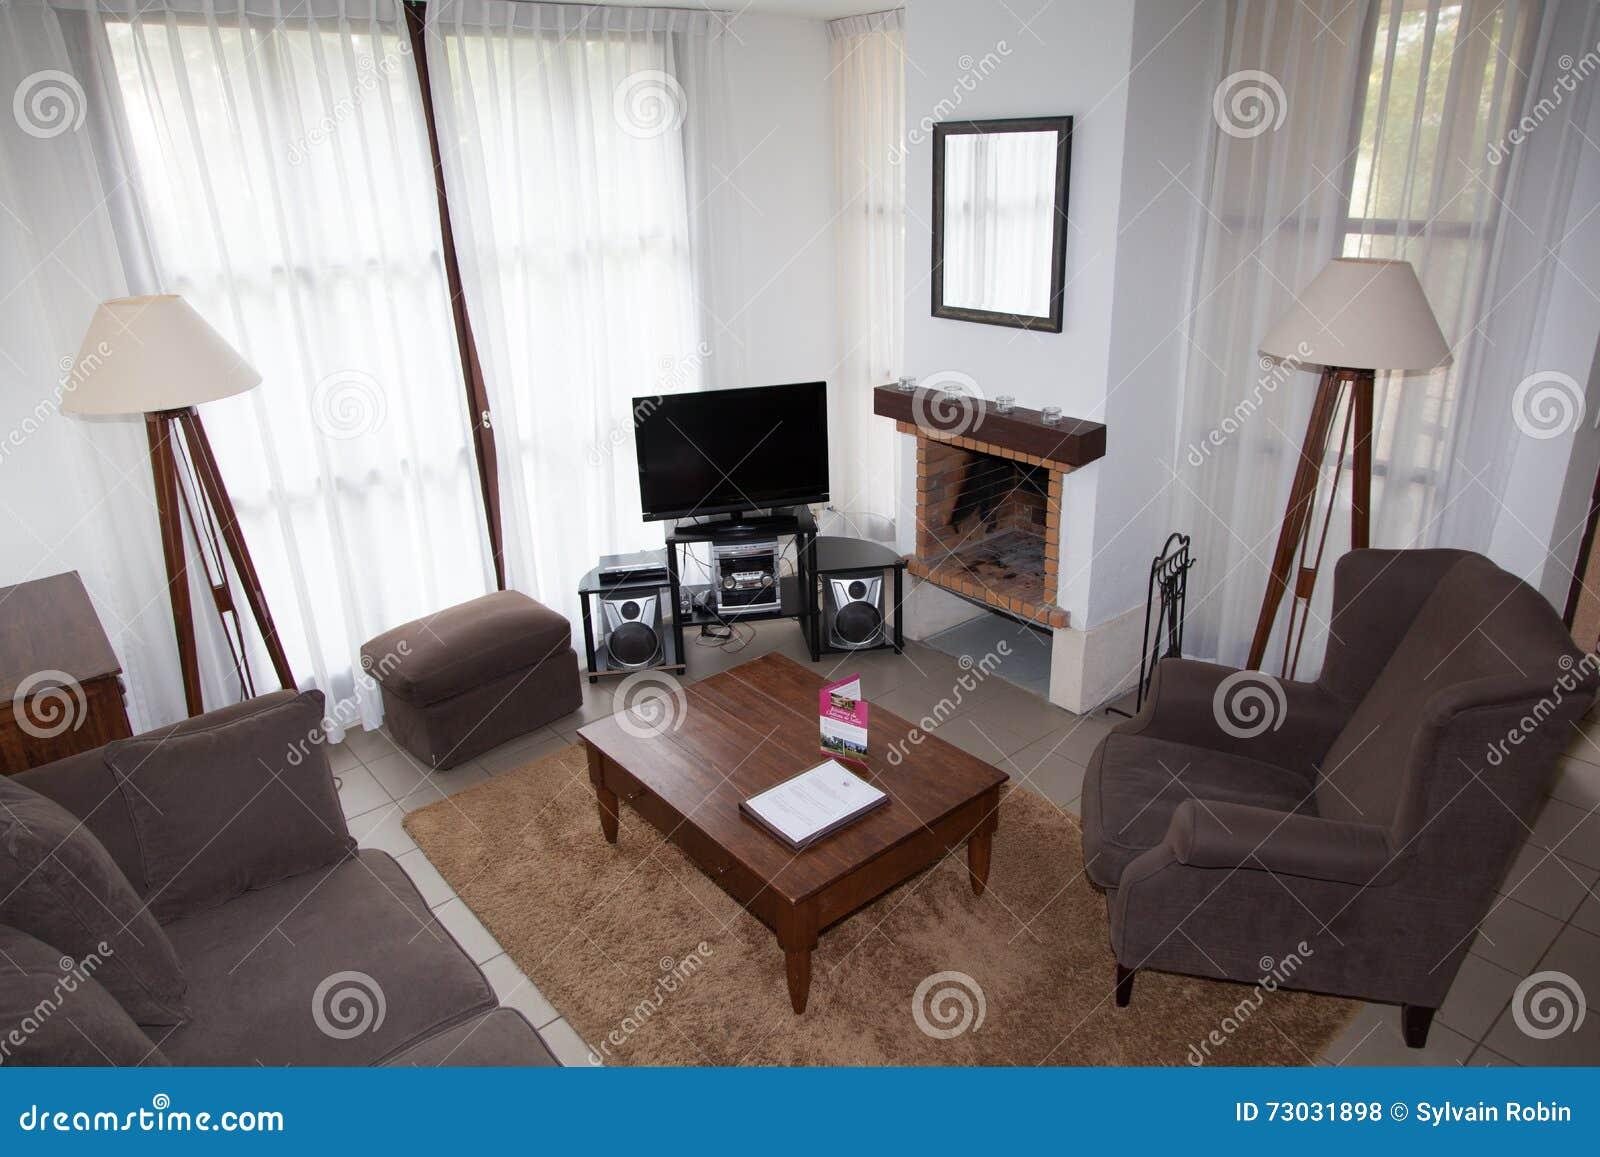 Fußboden Braun Oriflame ~ Fußboden modern » moderne büroeinrichtung wartezimmer mit weißen